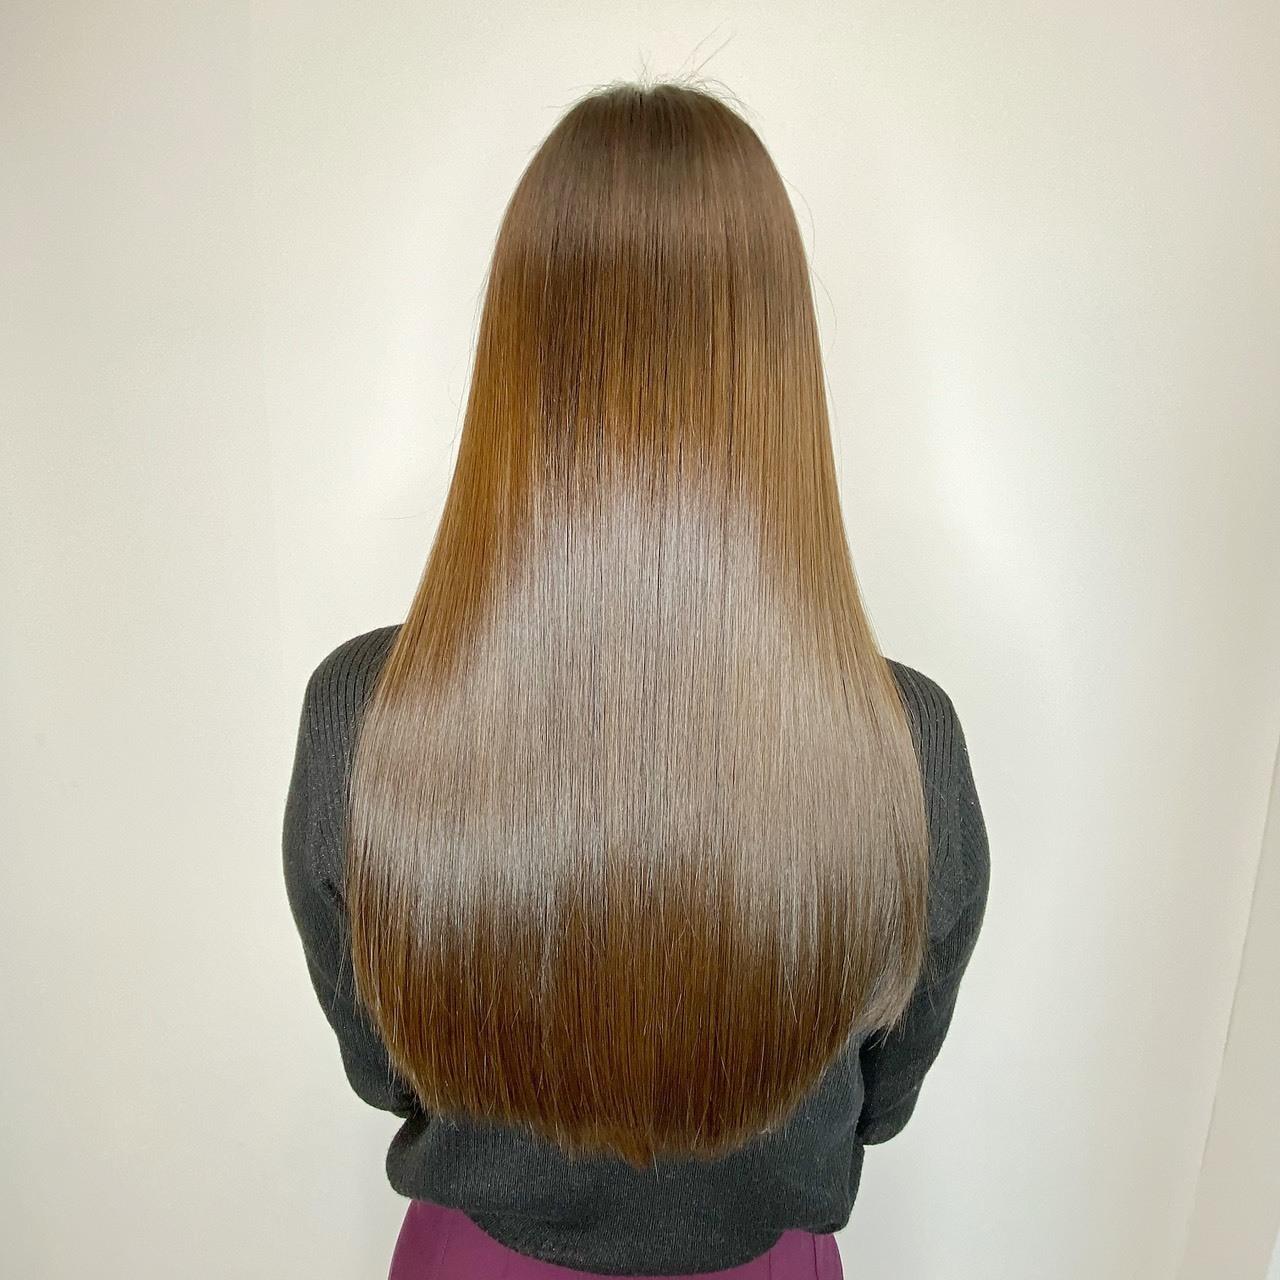 エミュスト自慢の艶カラー&髪質改善!今の髪の状態を診断し、髪質に左右されず理想の質感に導きます◎